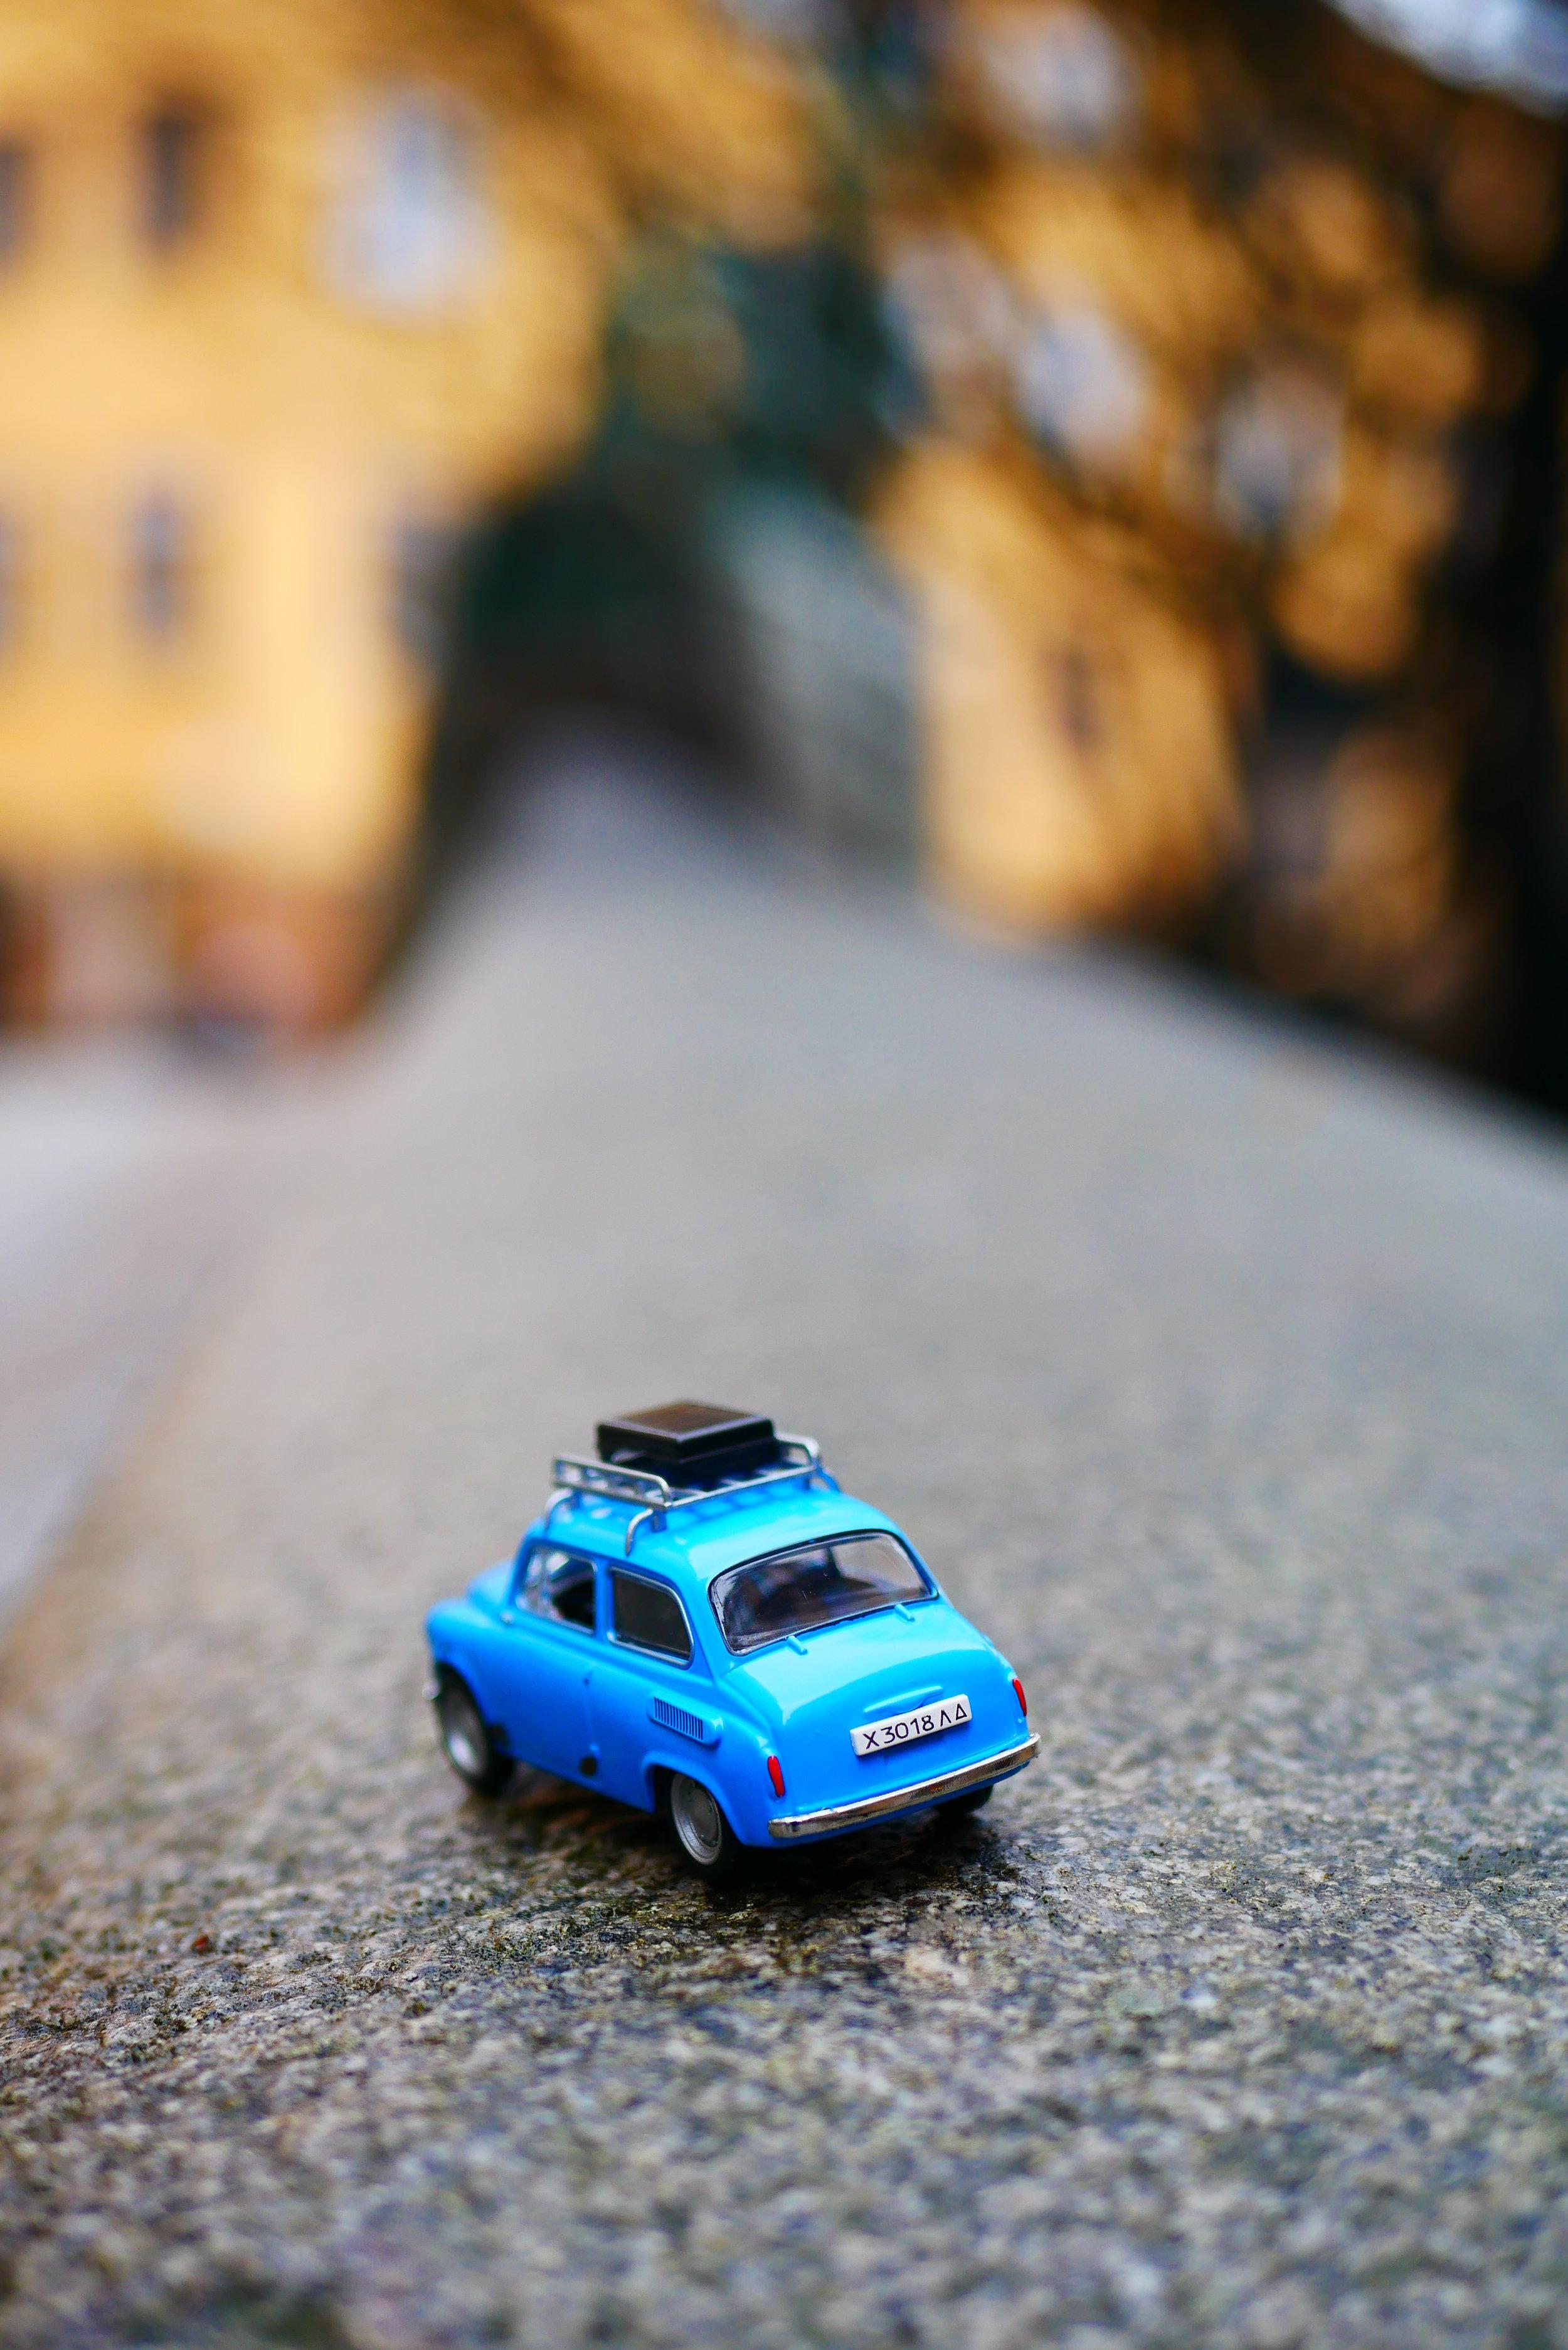 Φωτογραφία παλιά απο ταξί εποχής